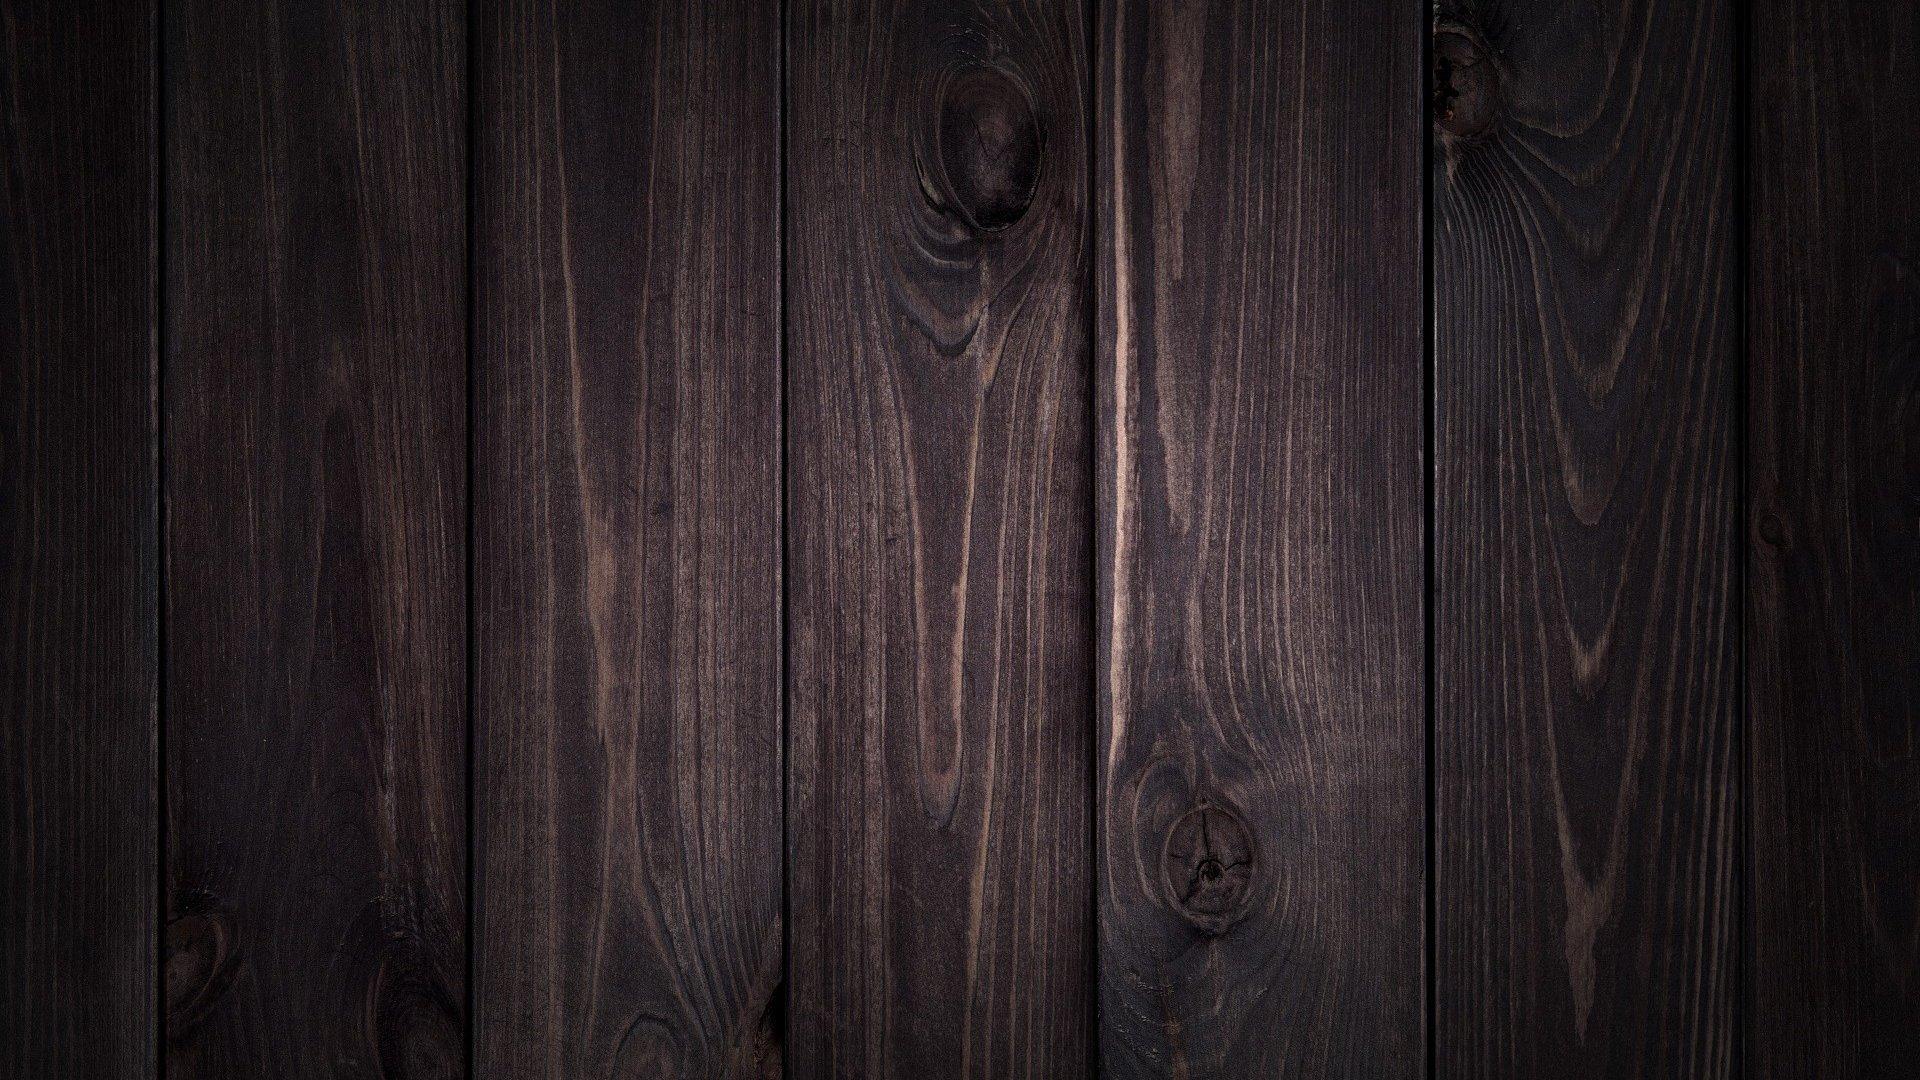 текстура темное дерево без смс